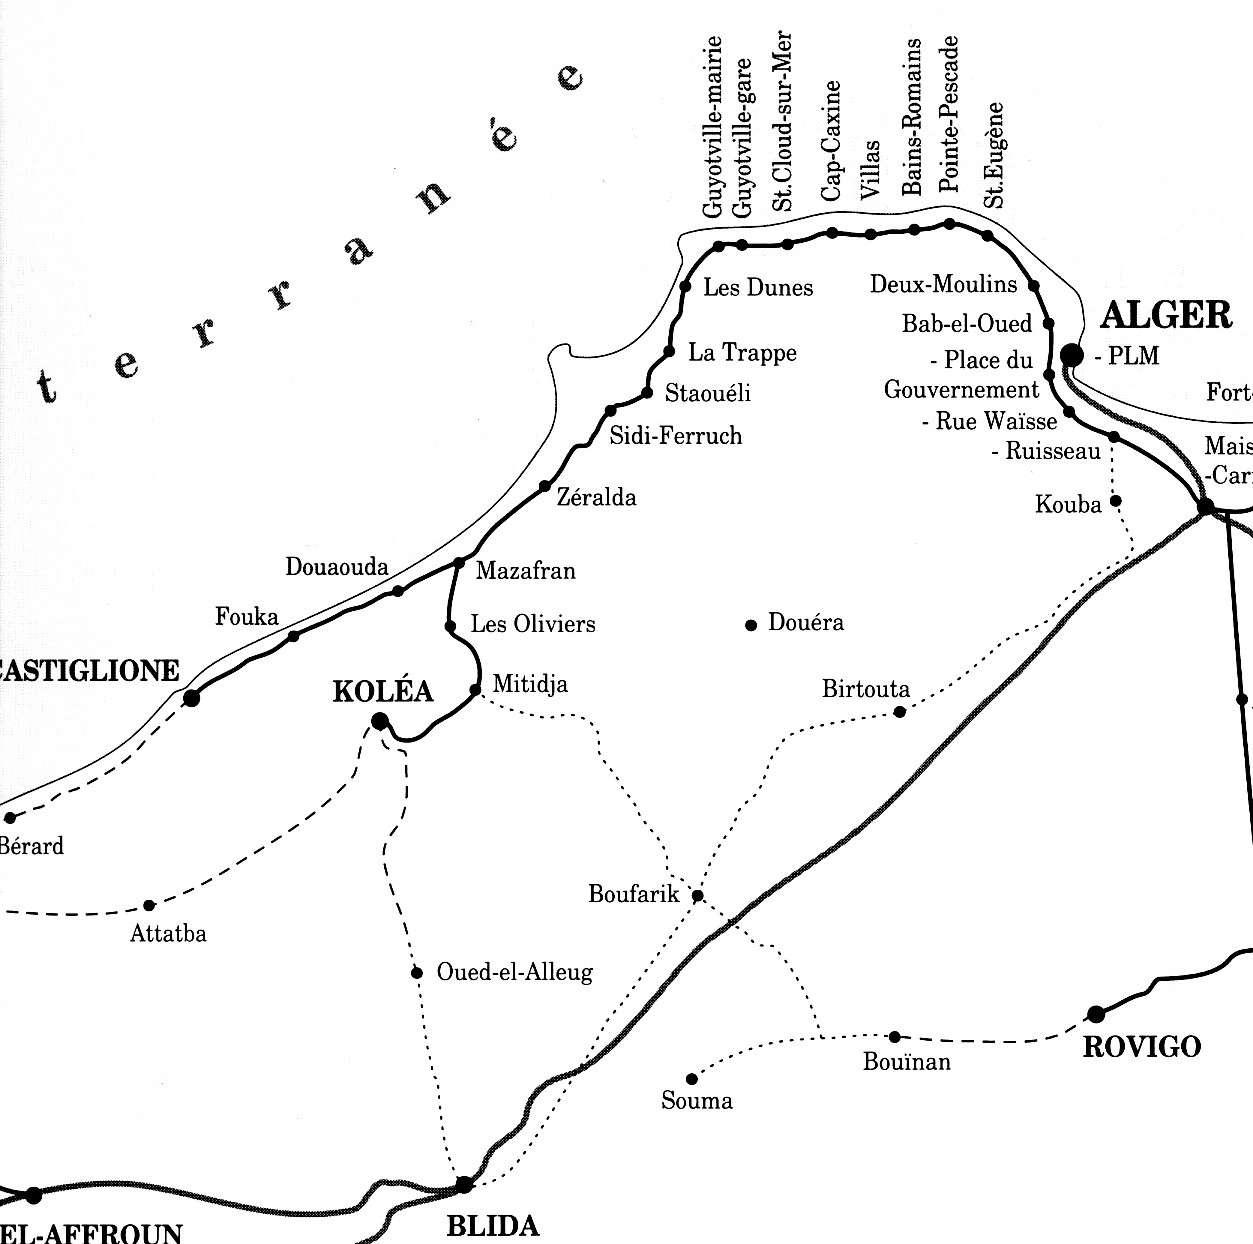 Carte Zeralda Algerie.Ferme Agricole Zeralda